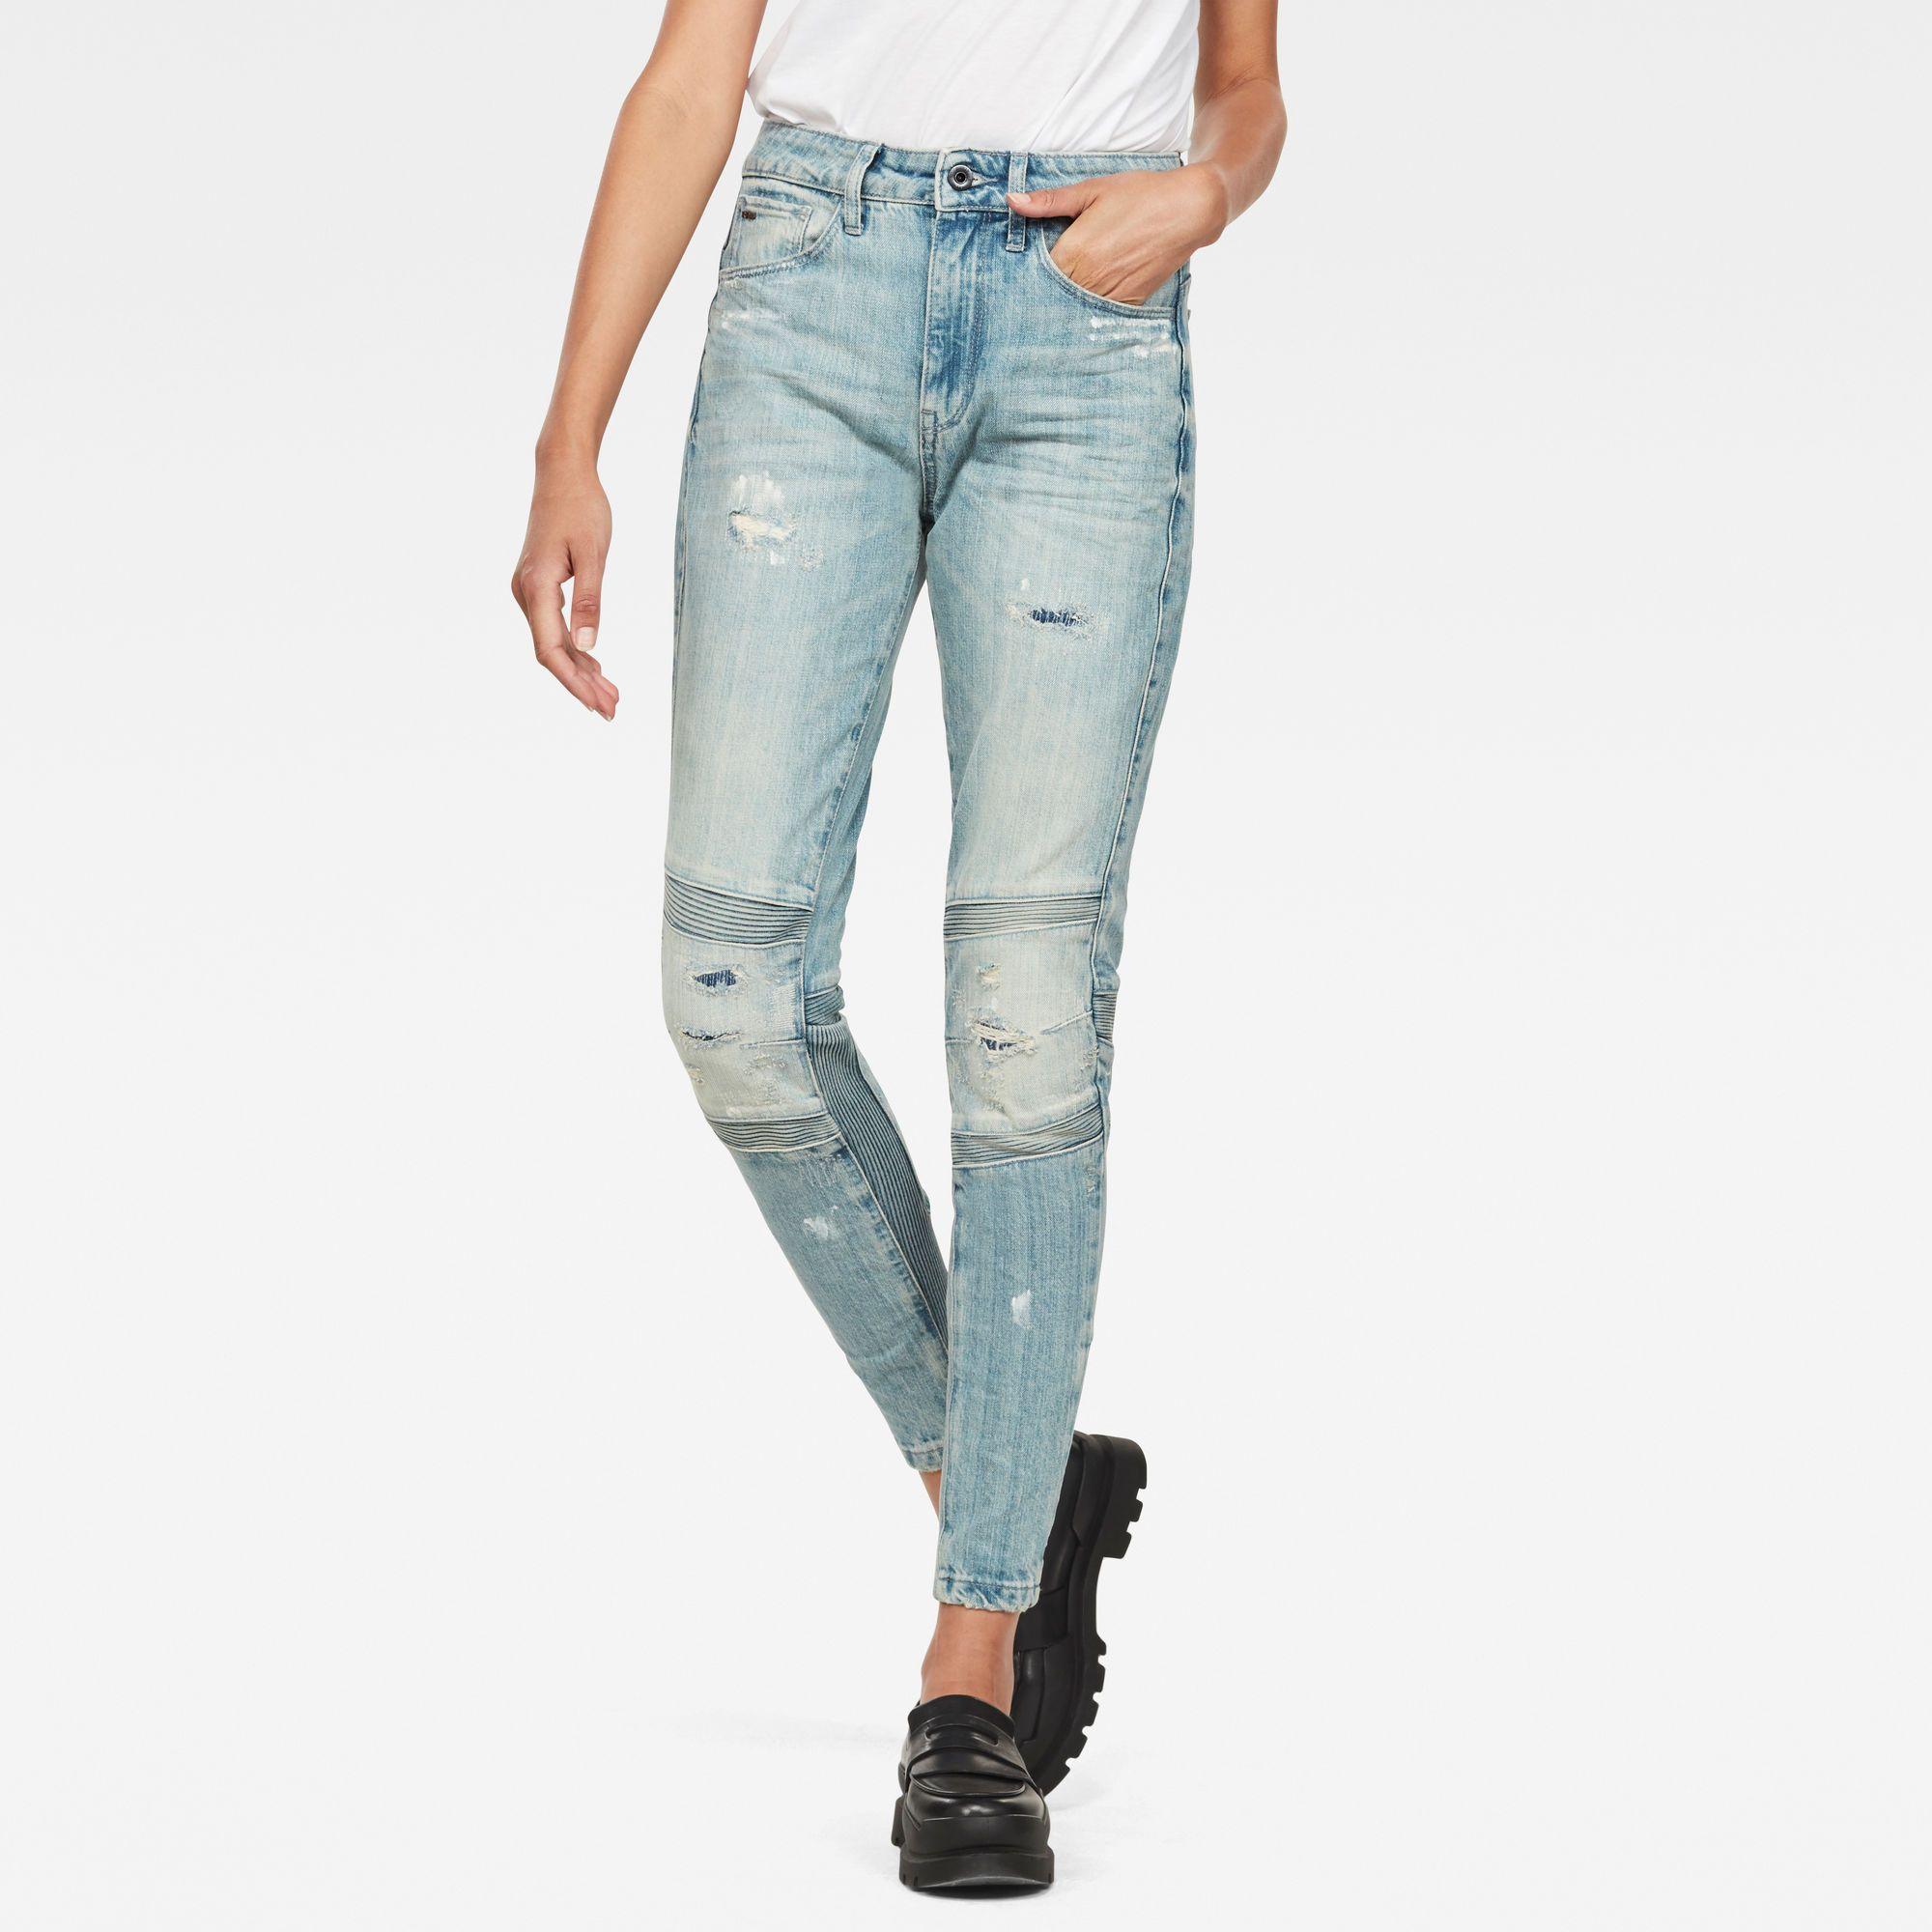 G-Star RAW Motac Deconstructed 3D High Waist Skinny Jeans